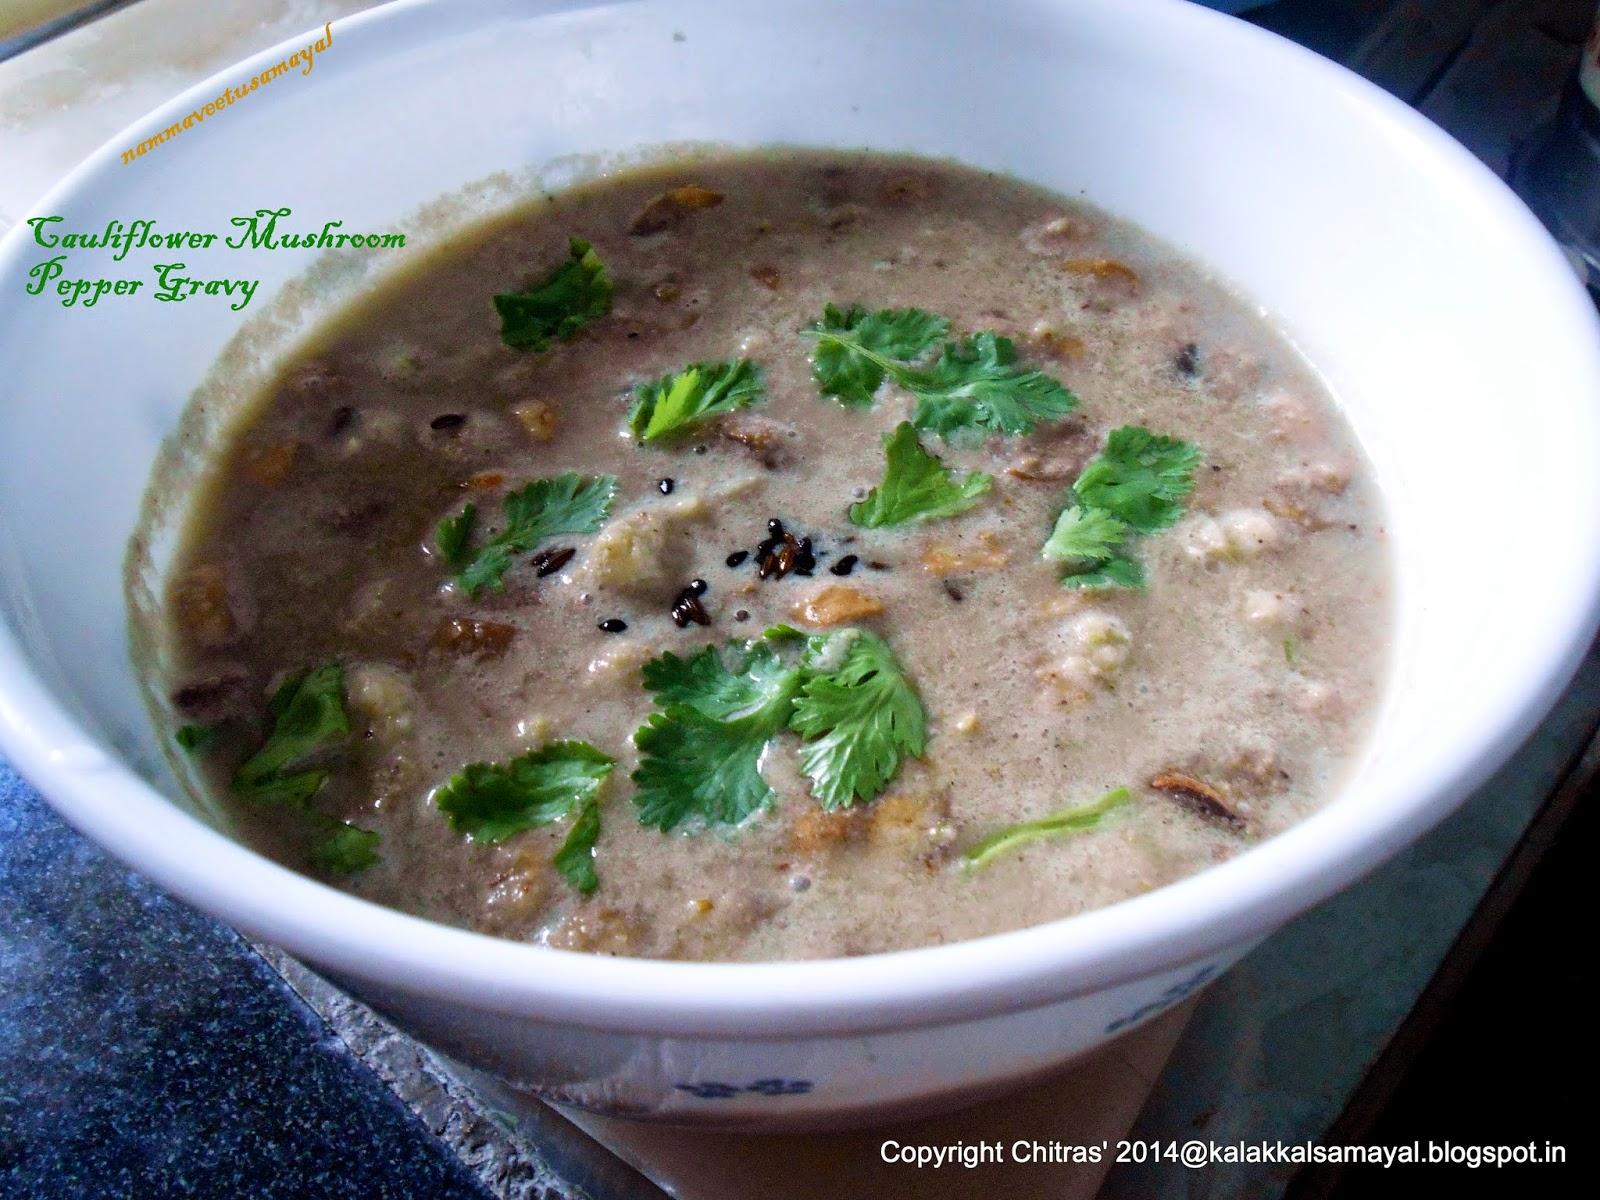 Cauliflower Mushroom Pepper Gravy